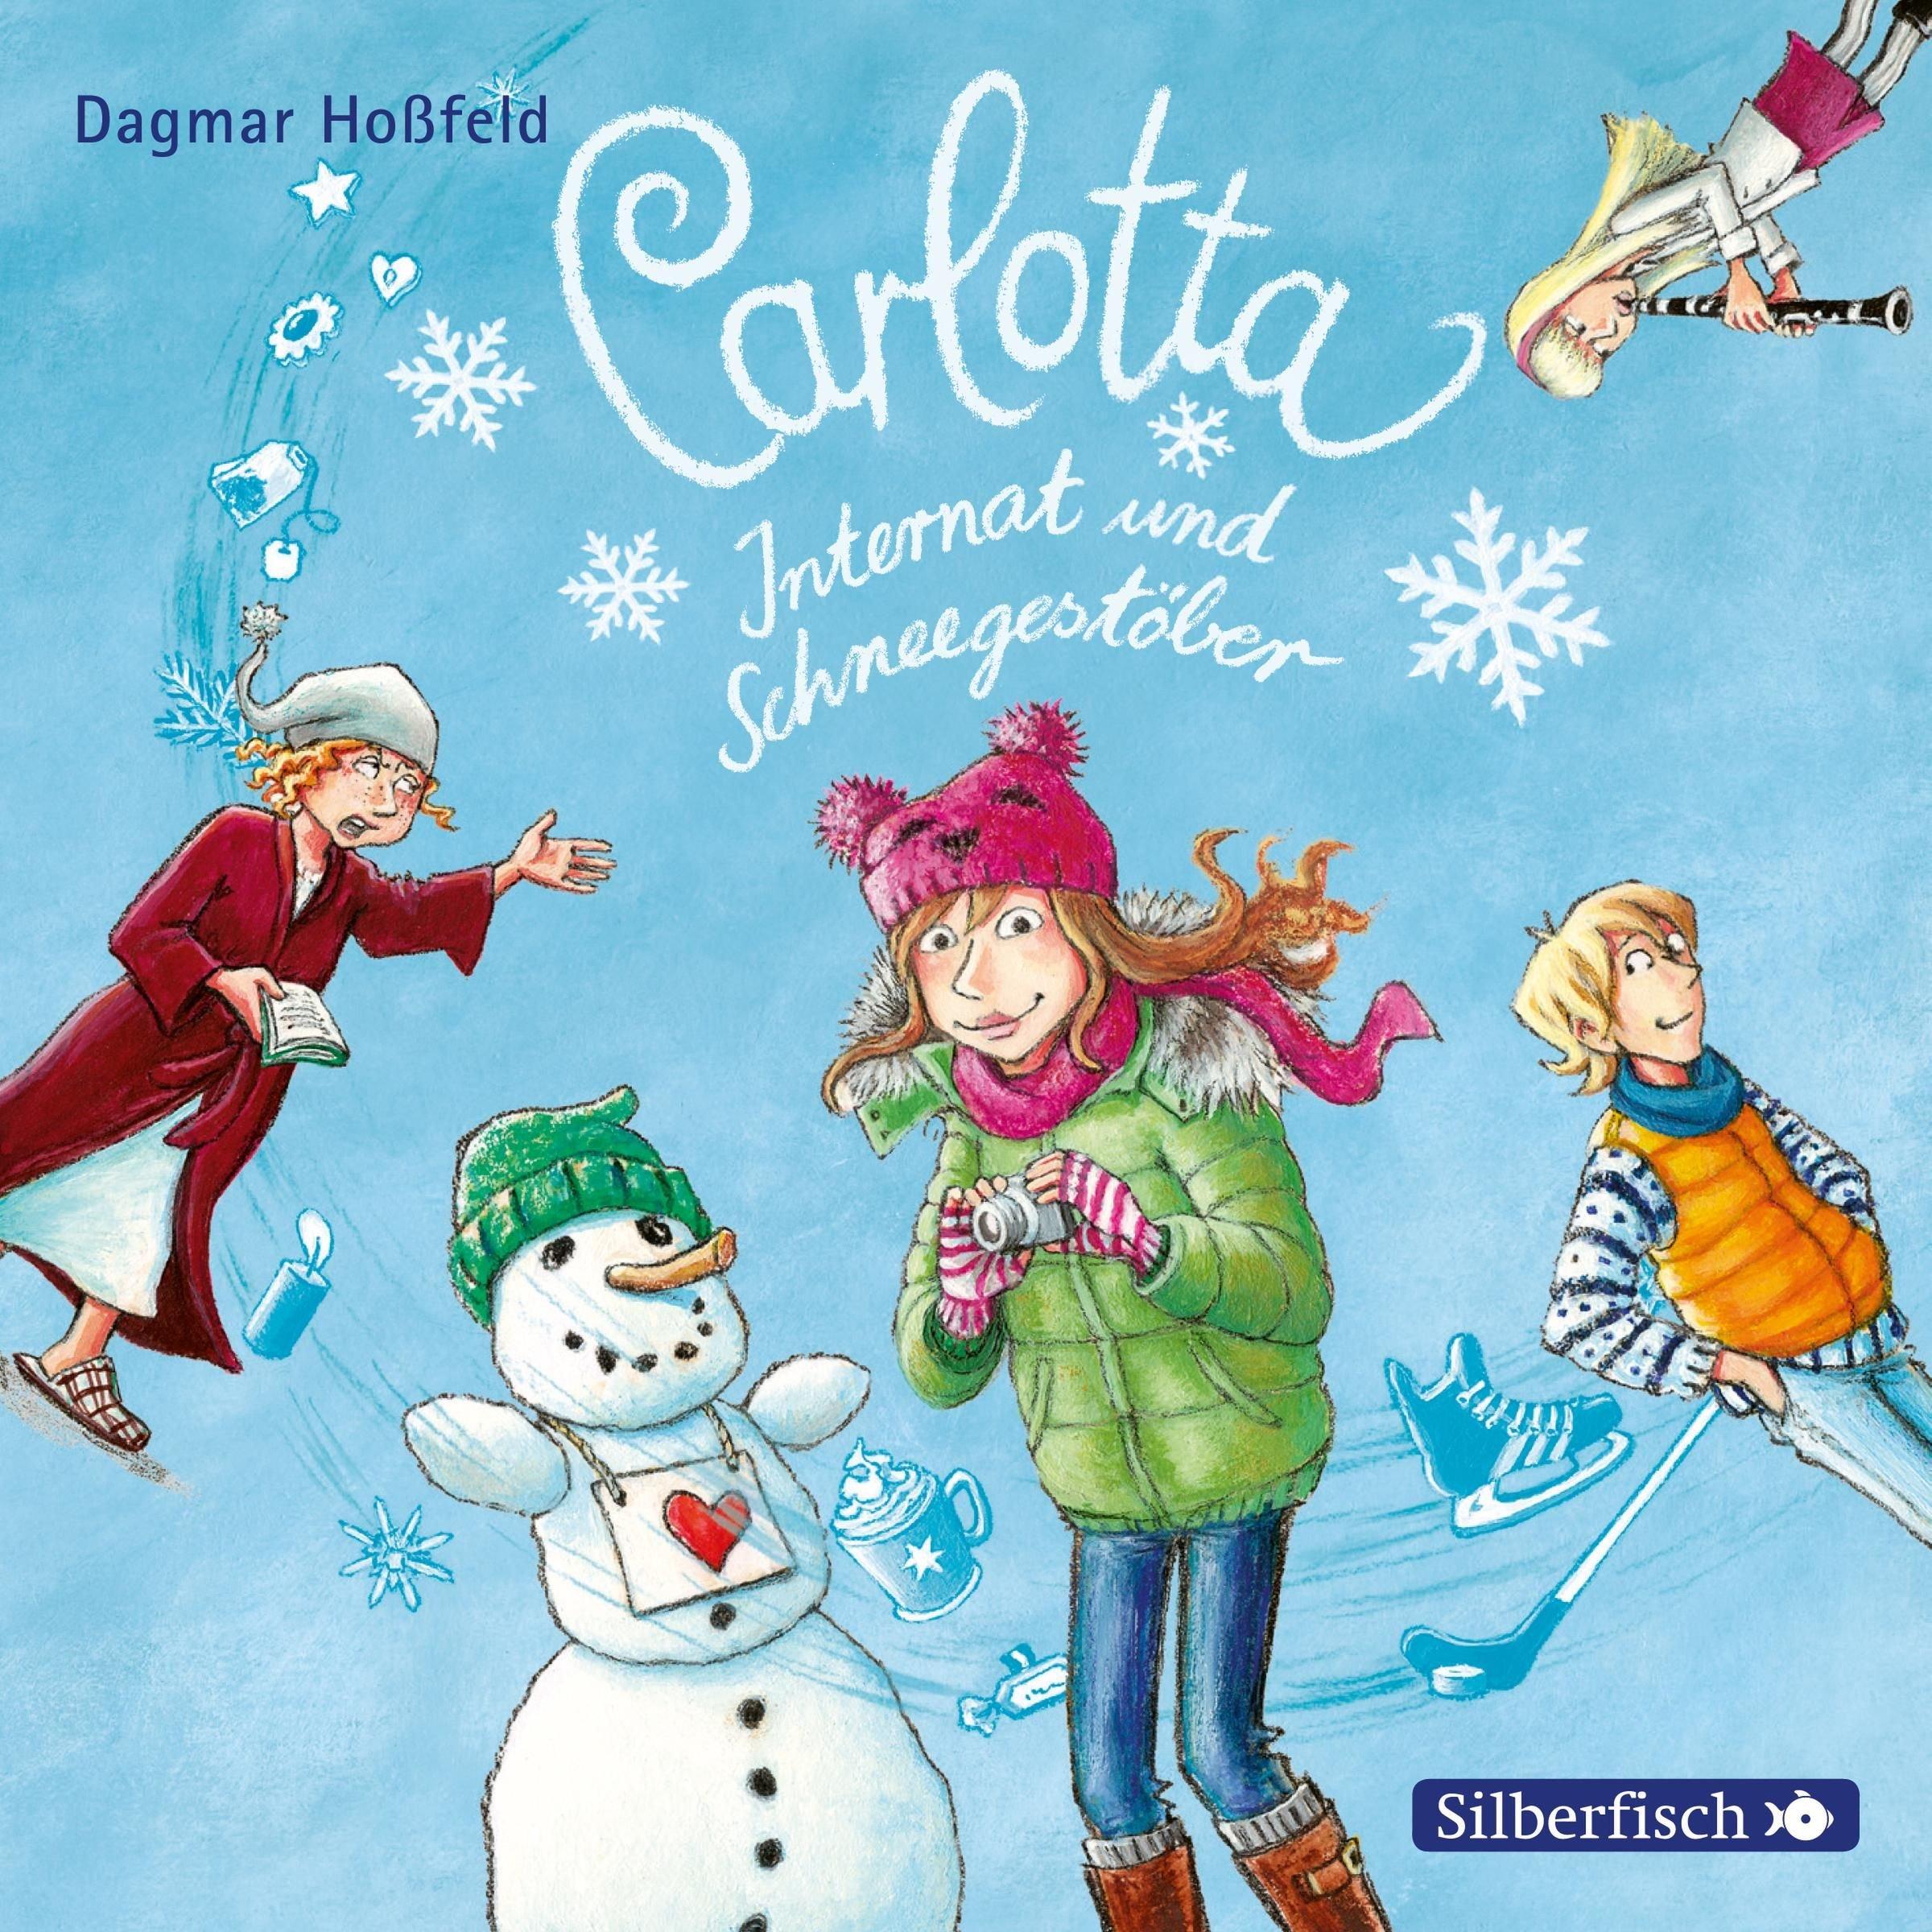 Carlotta, Internat und Schneegestöber: 2 CDs